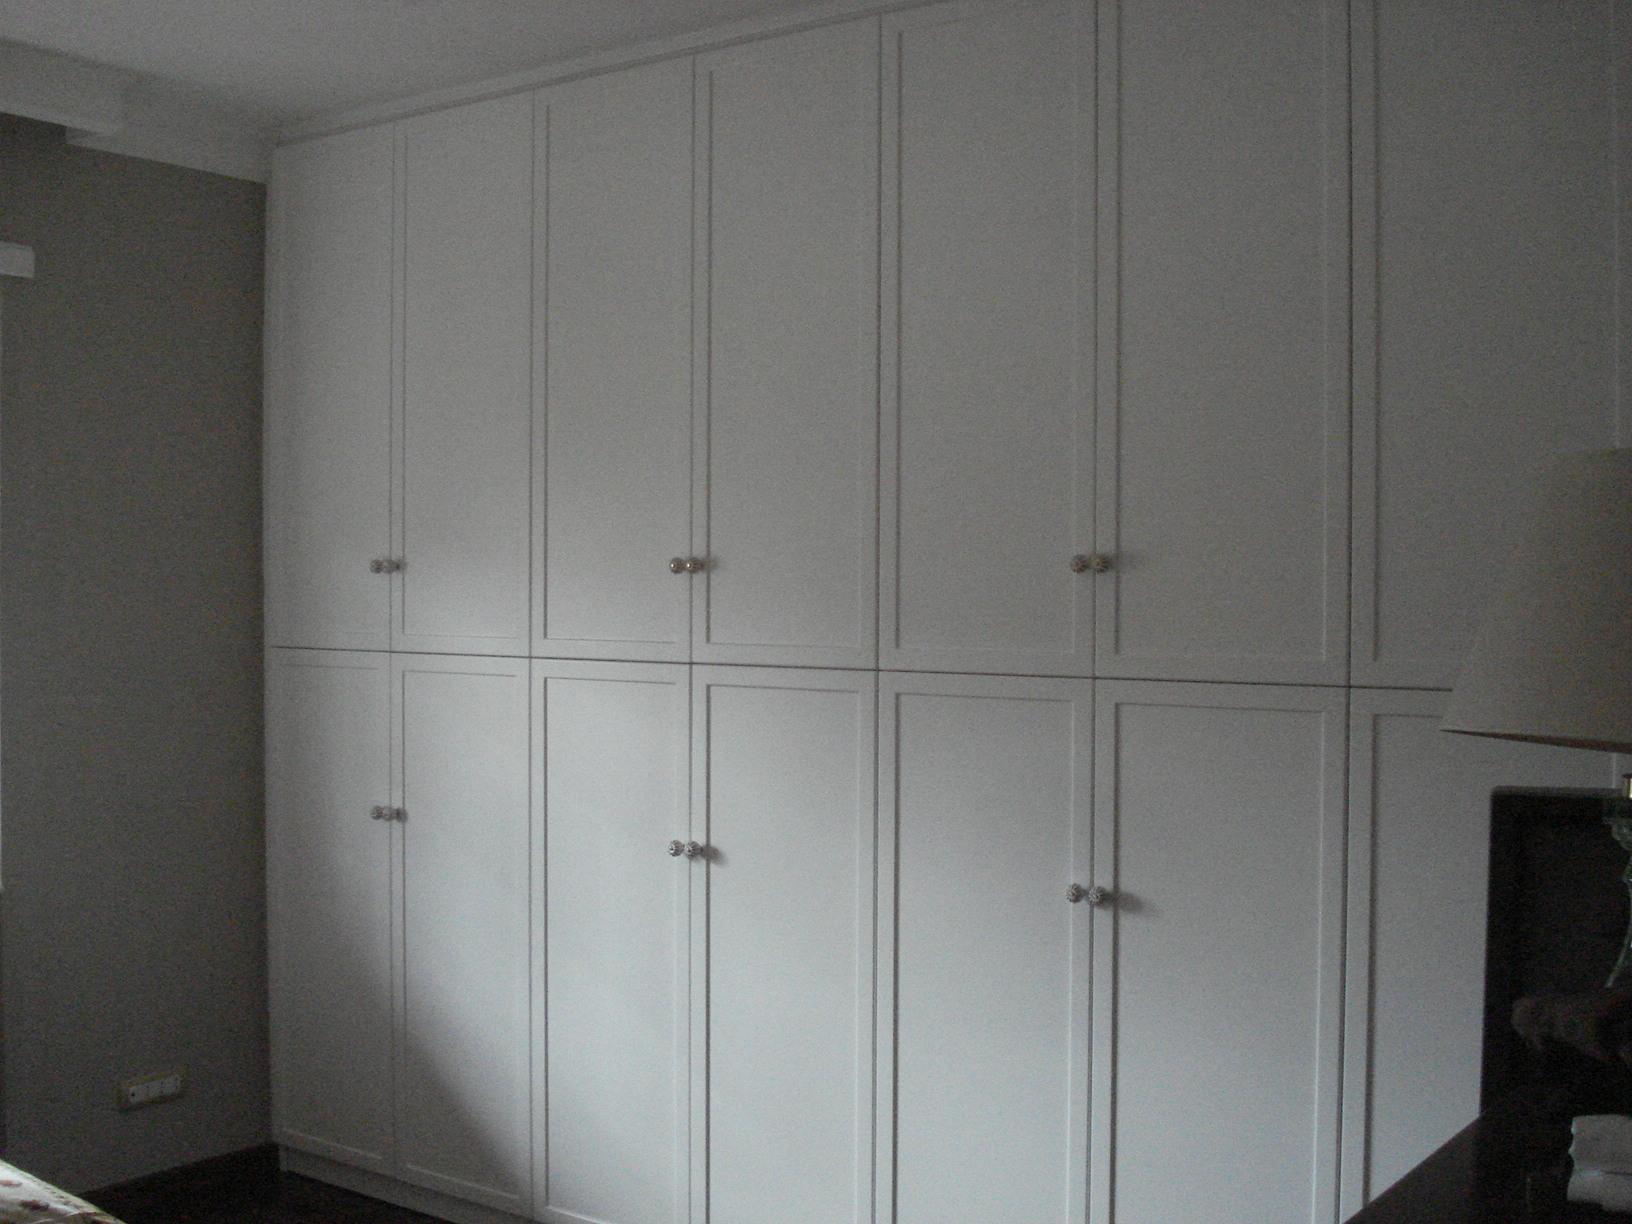 Armadio A Muro Laccato Bianco.Muller Muller Centro Rattan Fabbrica Artigianale Armadio A Muro